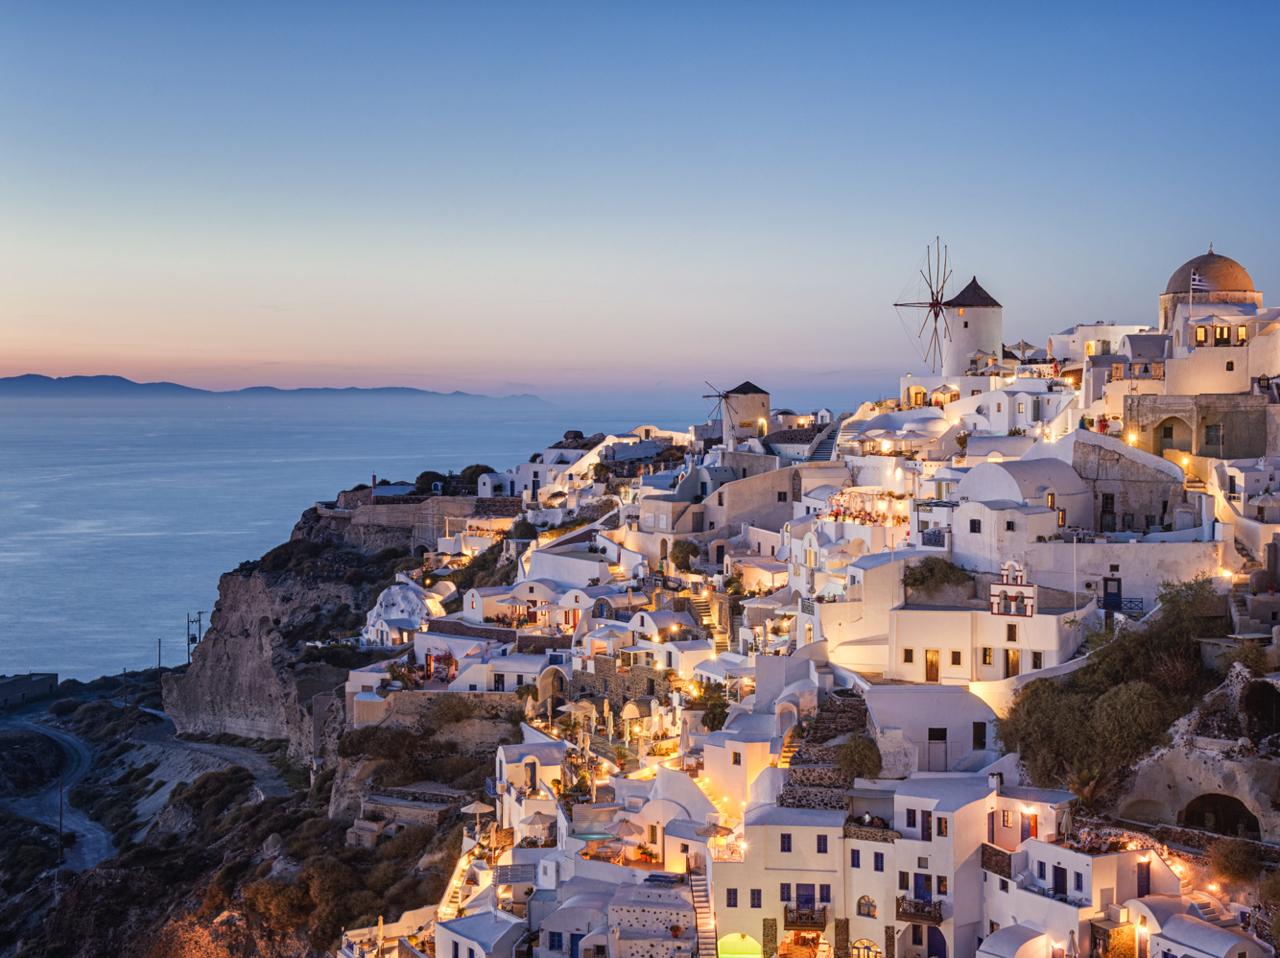 Hellenic Seaways Announces Start of Santorini, Naxos, Paros Ferry Route